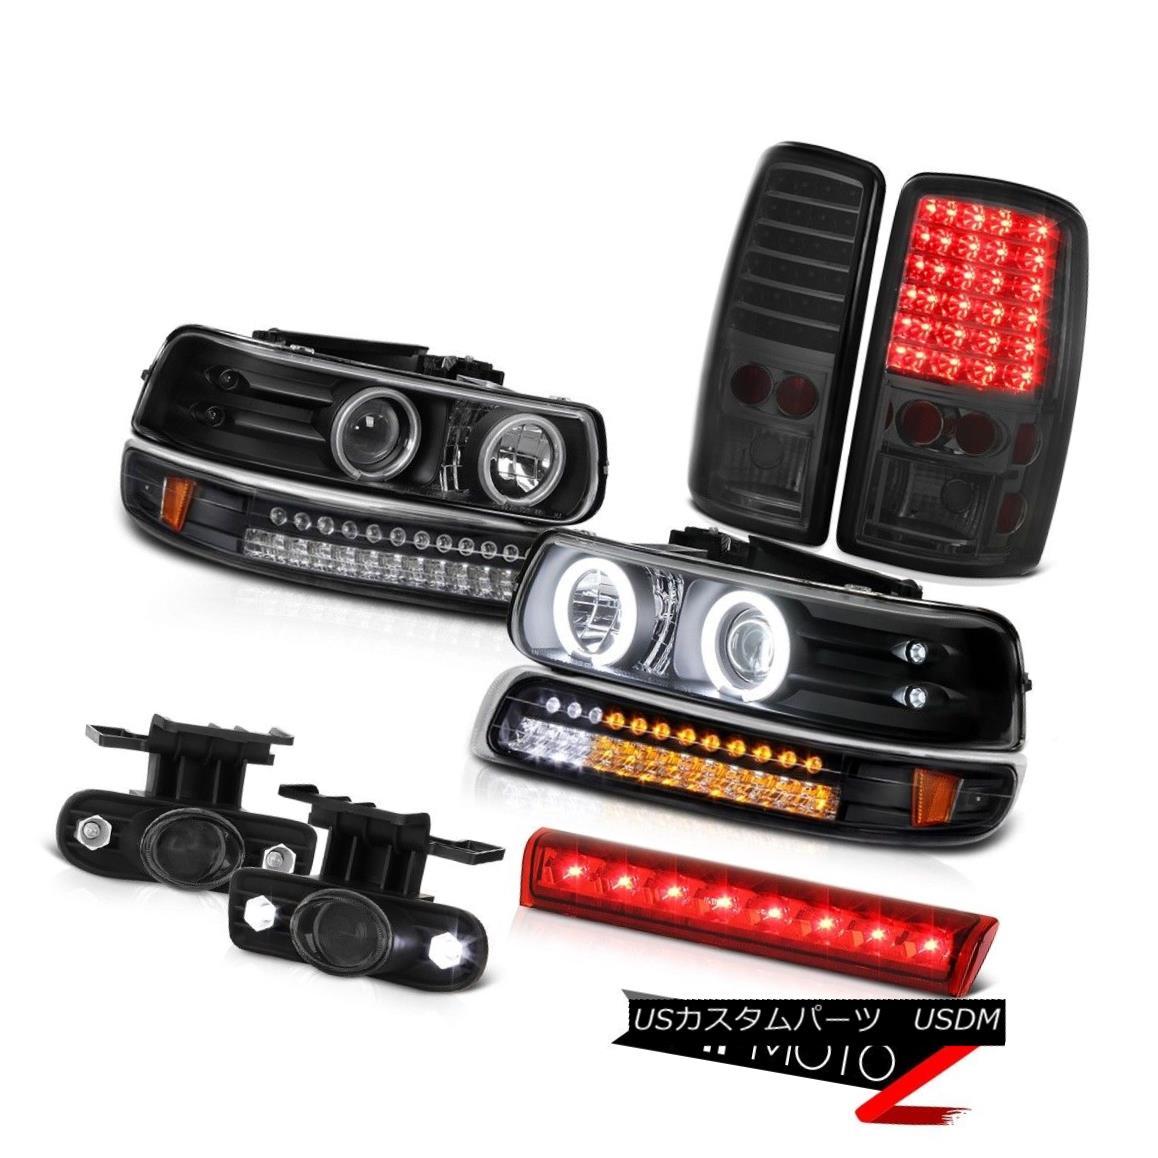 ヘッドライト 2000-2006 Tahoe Z71 Black headlamps turn signal rear brake lamps fog 3rd Lamp 2000-2006タホZ71ブラックヘッドランプ信号リヤブレーキランプフォグ第3ランプ